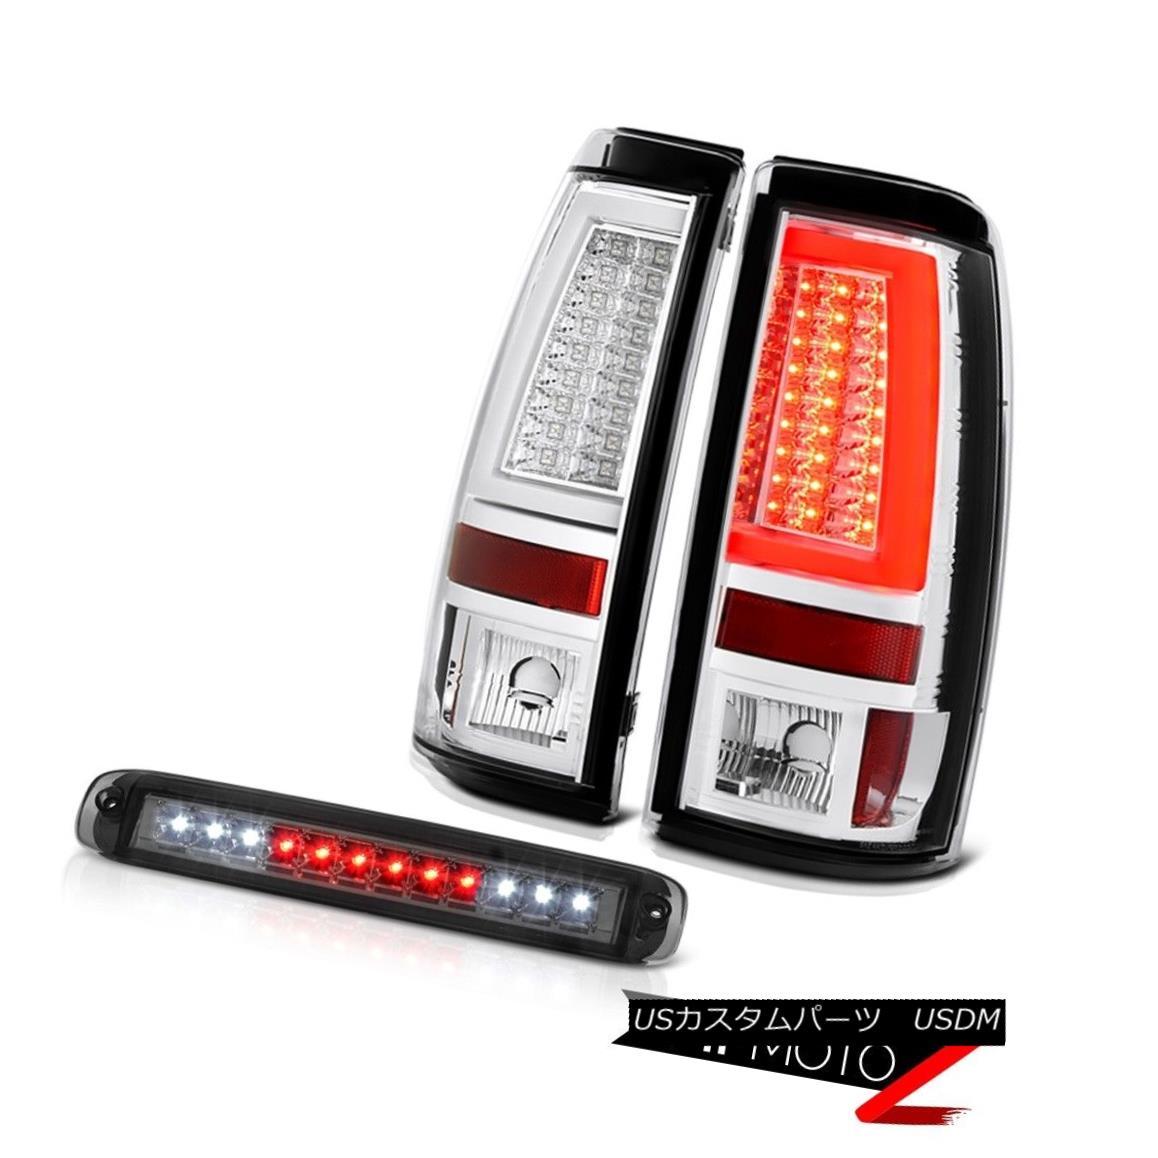 テールライト 03-06 Silverado 1500 Chrome Rear Brake Lamps Smokey Roof Light LED